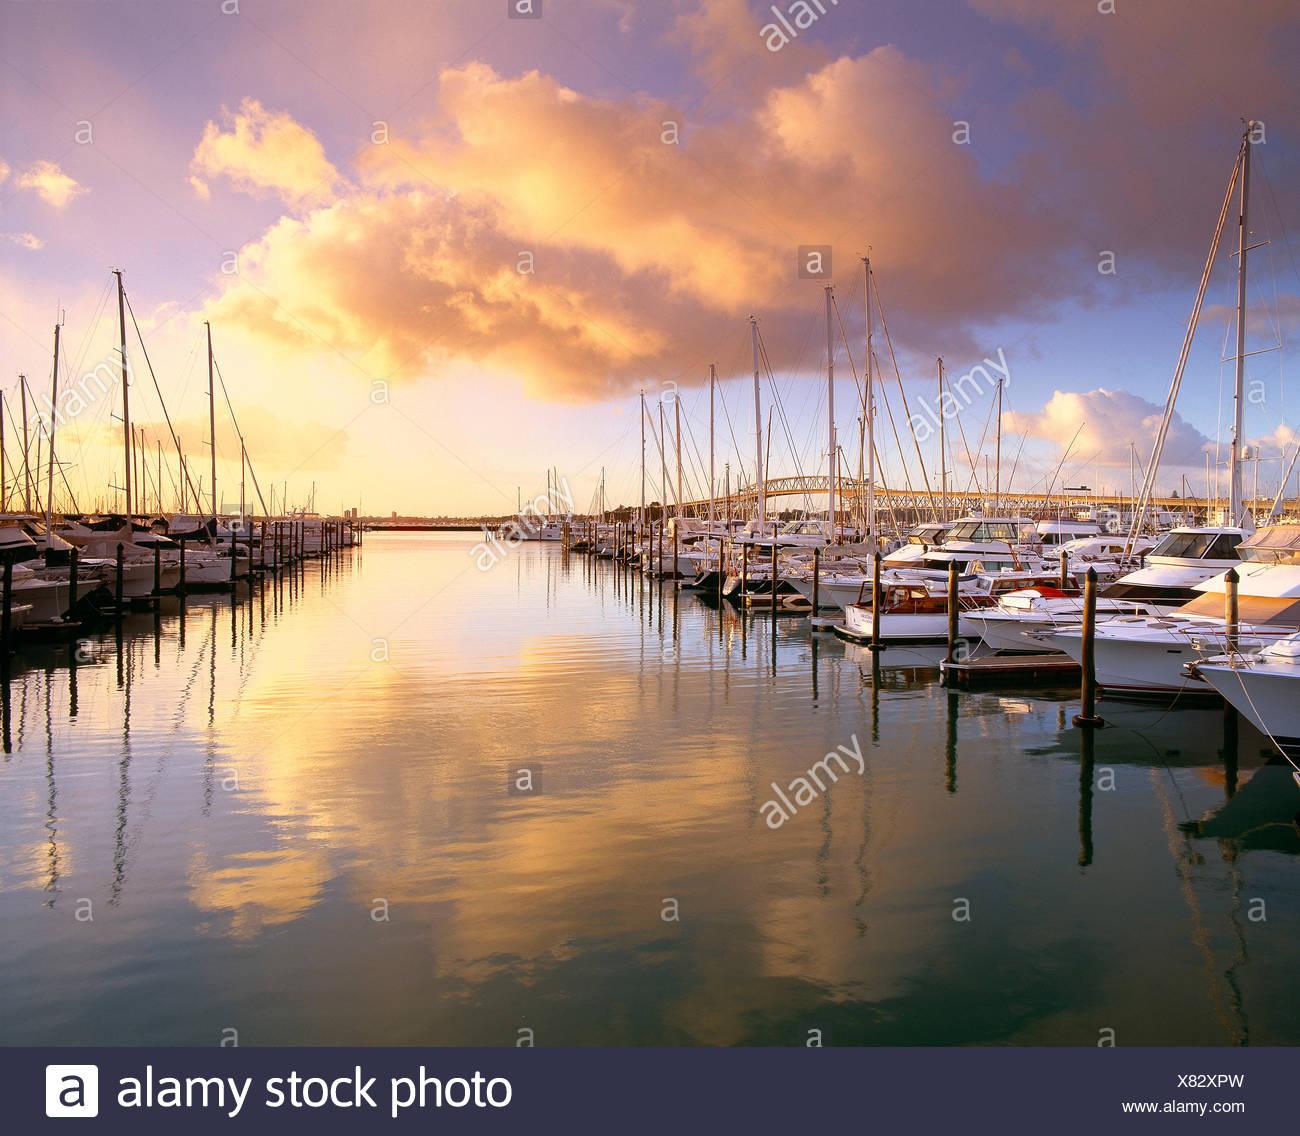 La Nouvelle-Zélande. auckland. yachts dans la marina au lever du soleil. Photo Stock